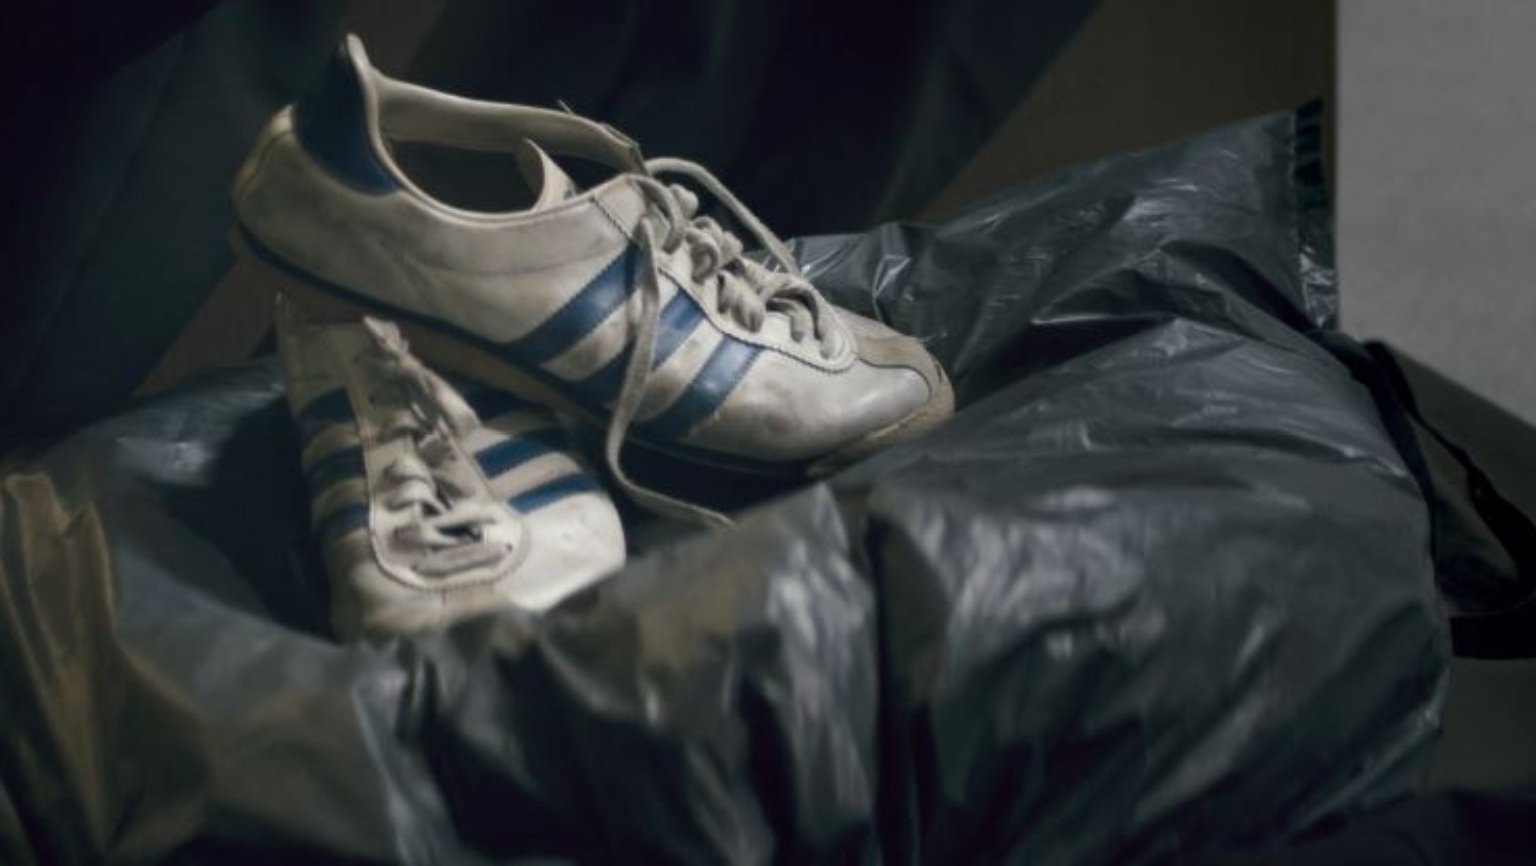 official photos f9ee0 0d92e Sportschuhe mit Herz: Student macht viralen Adidas-Werbespot ...